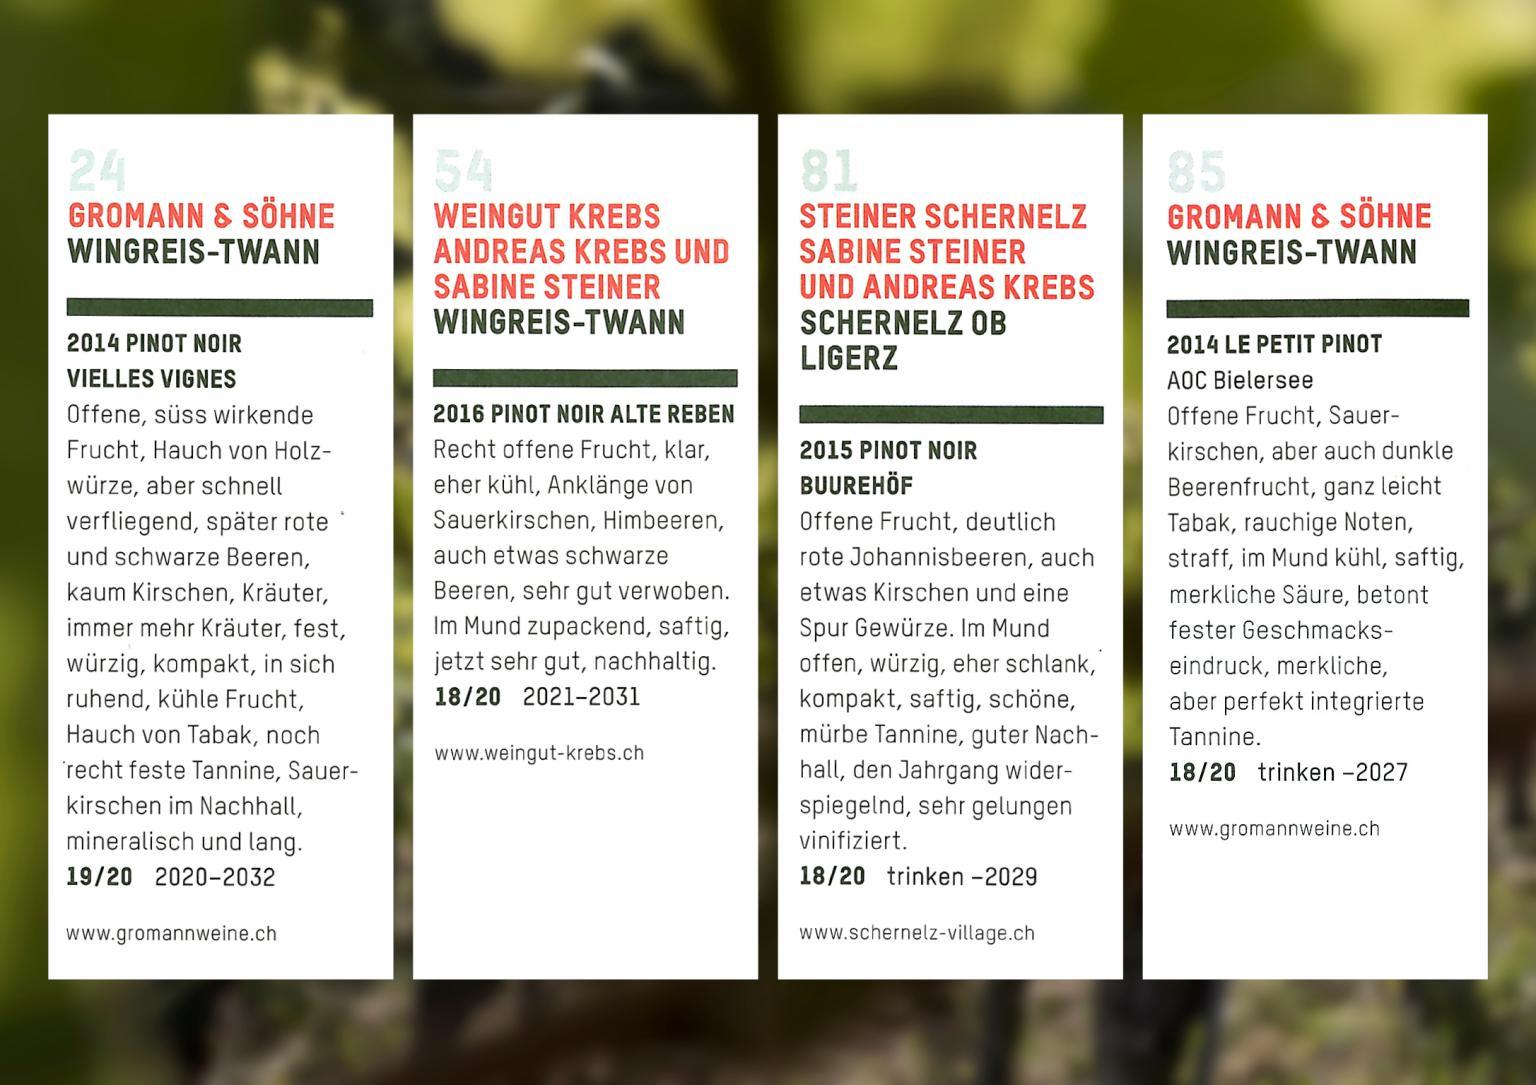 Platzierungen der Weine von Steiner, Krebs und Gromann bei den 100 schönsten Weinen 2019 aus der schweizerischen Weinzeitung.